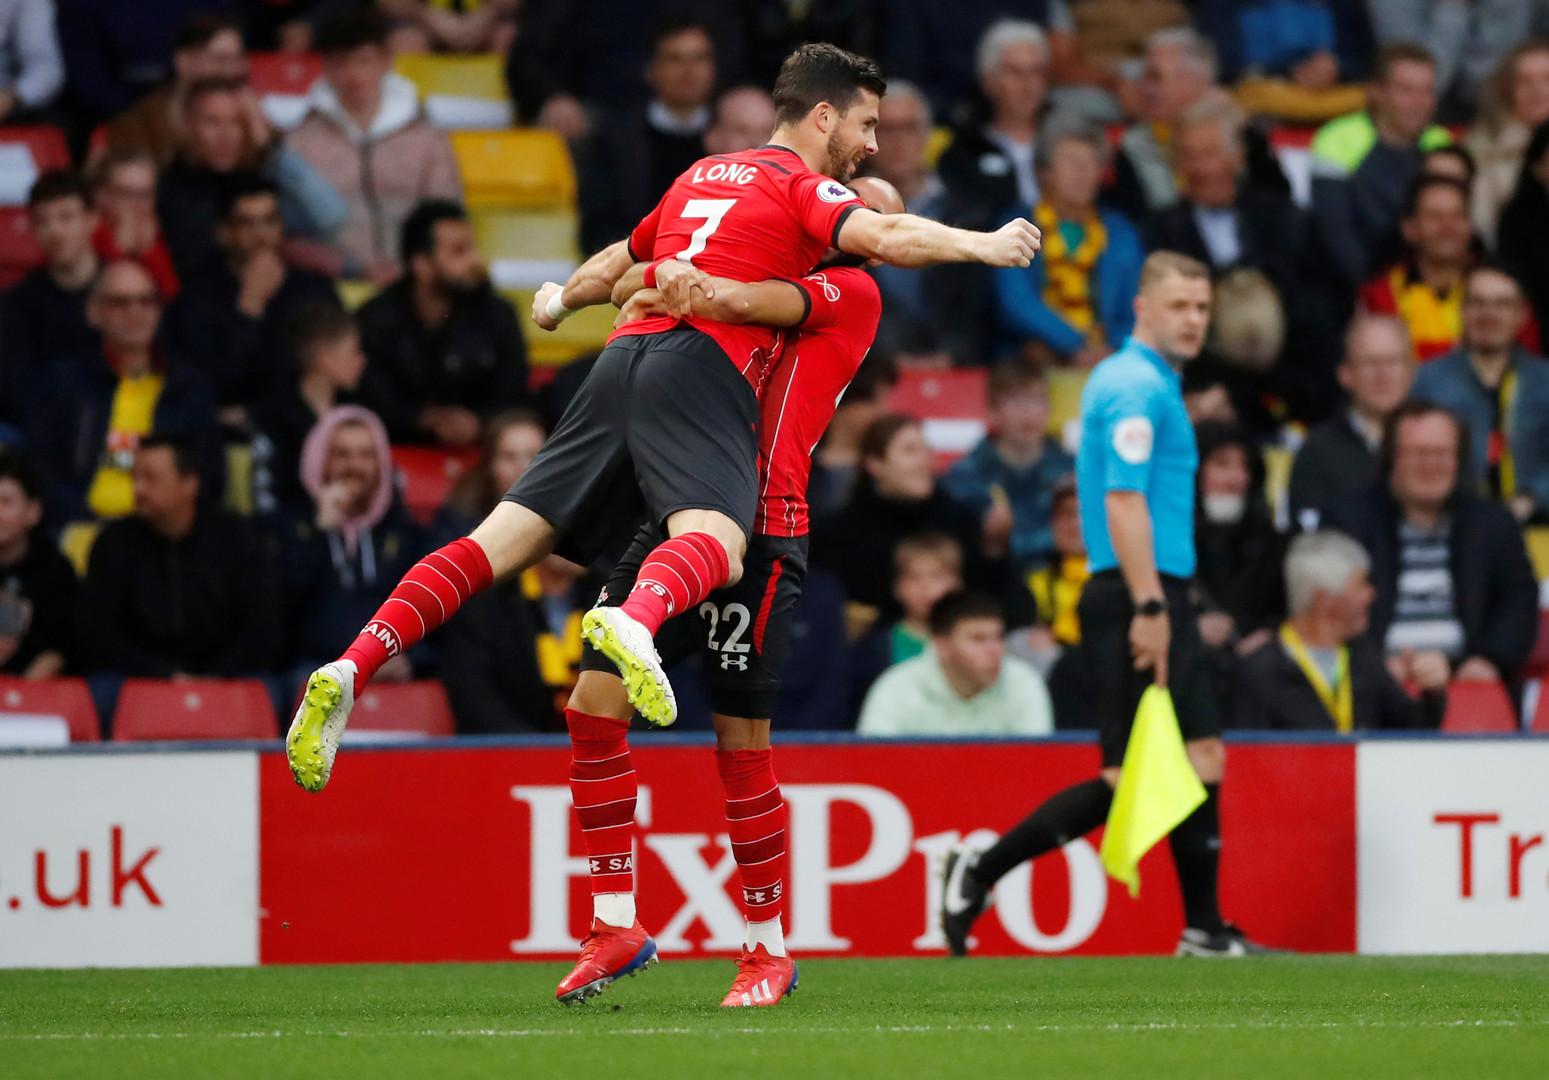 شاهد.. أسرع هدف في تاريخ الدوري الإنجليزي على الإطلاق!